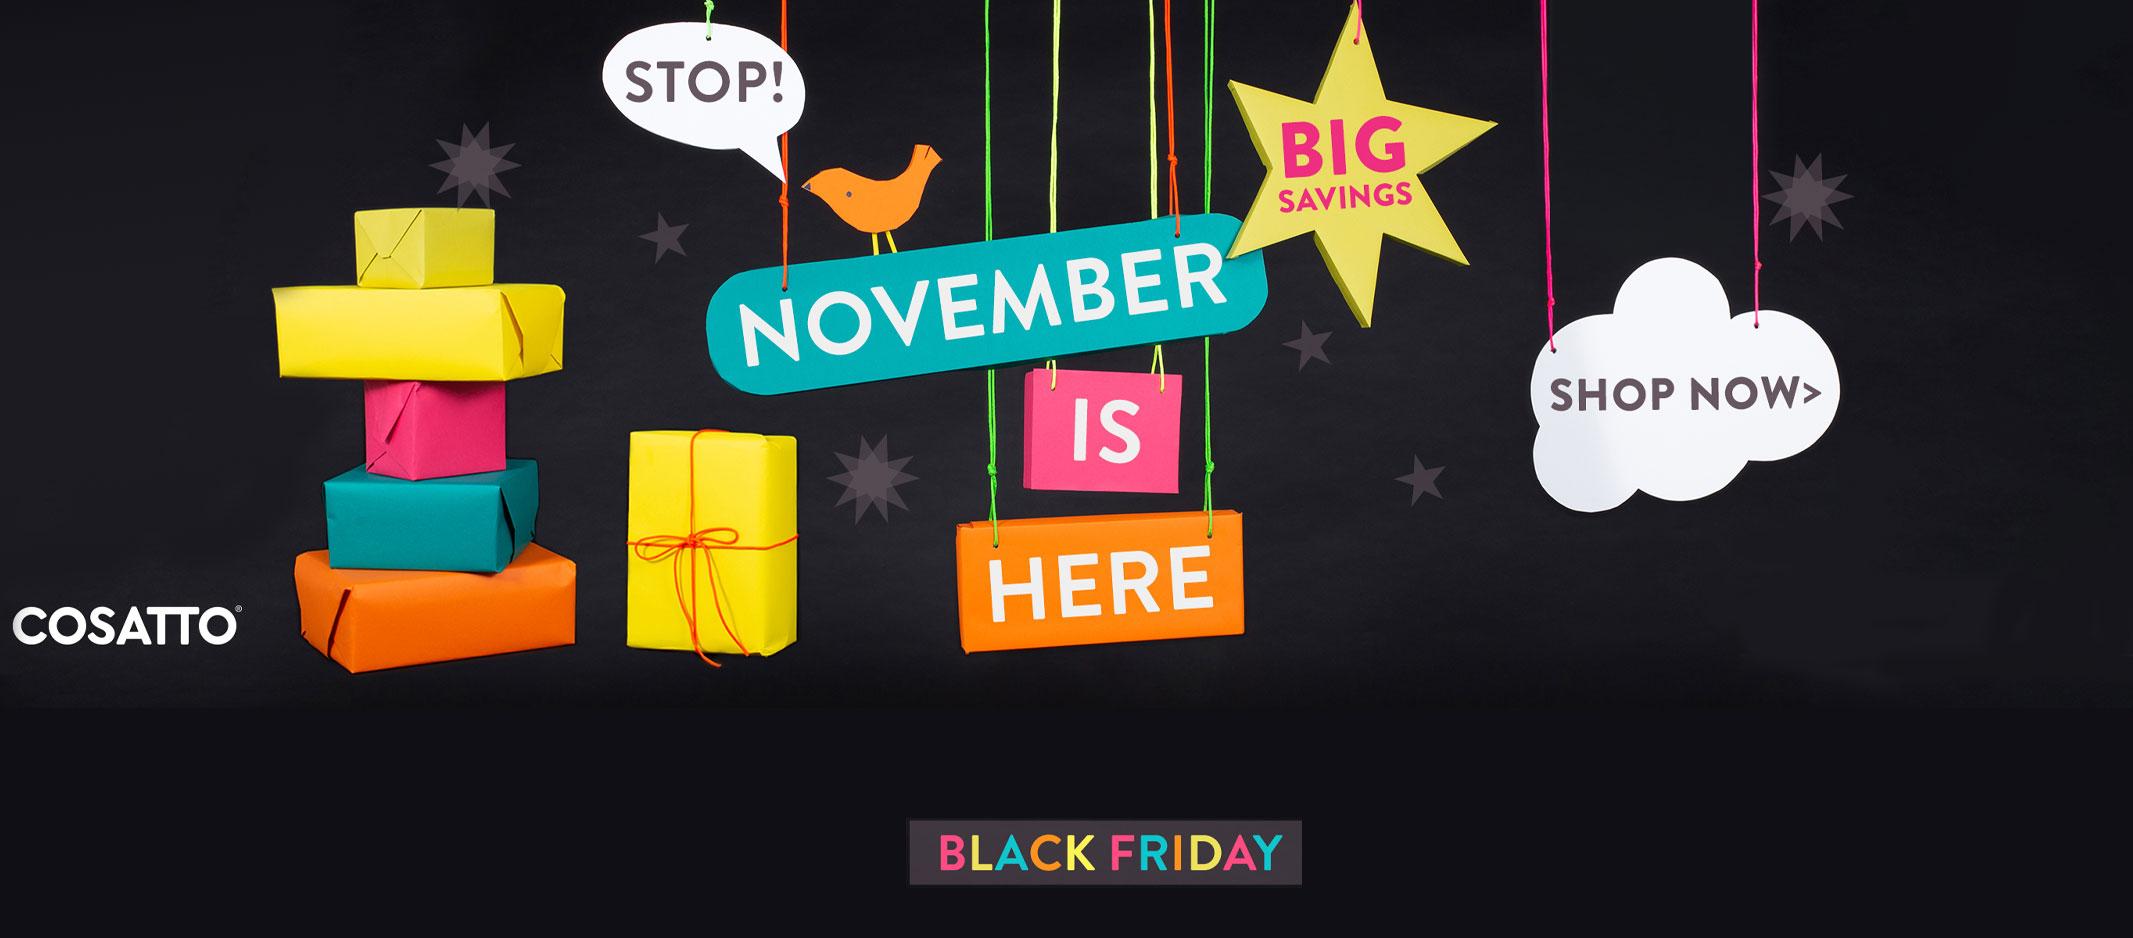 Cosatto Black November